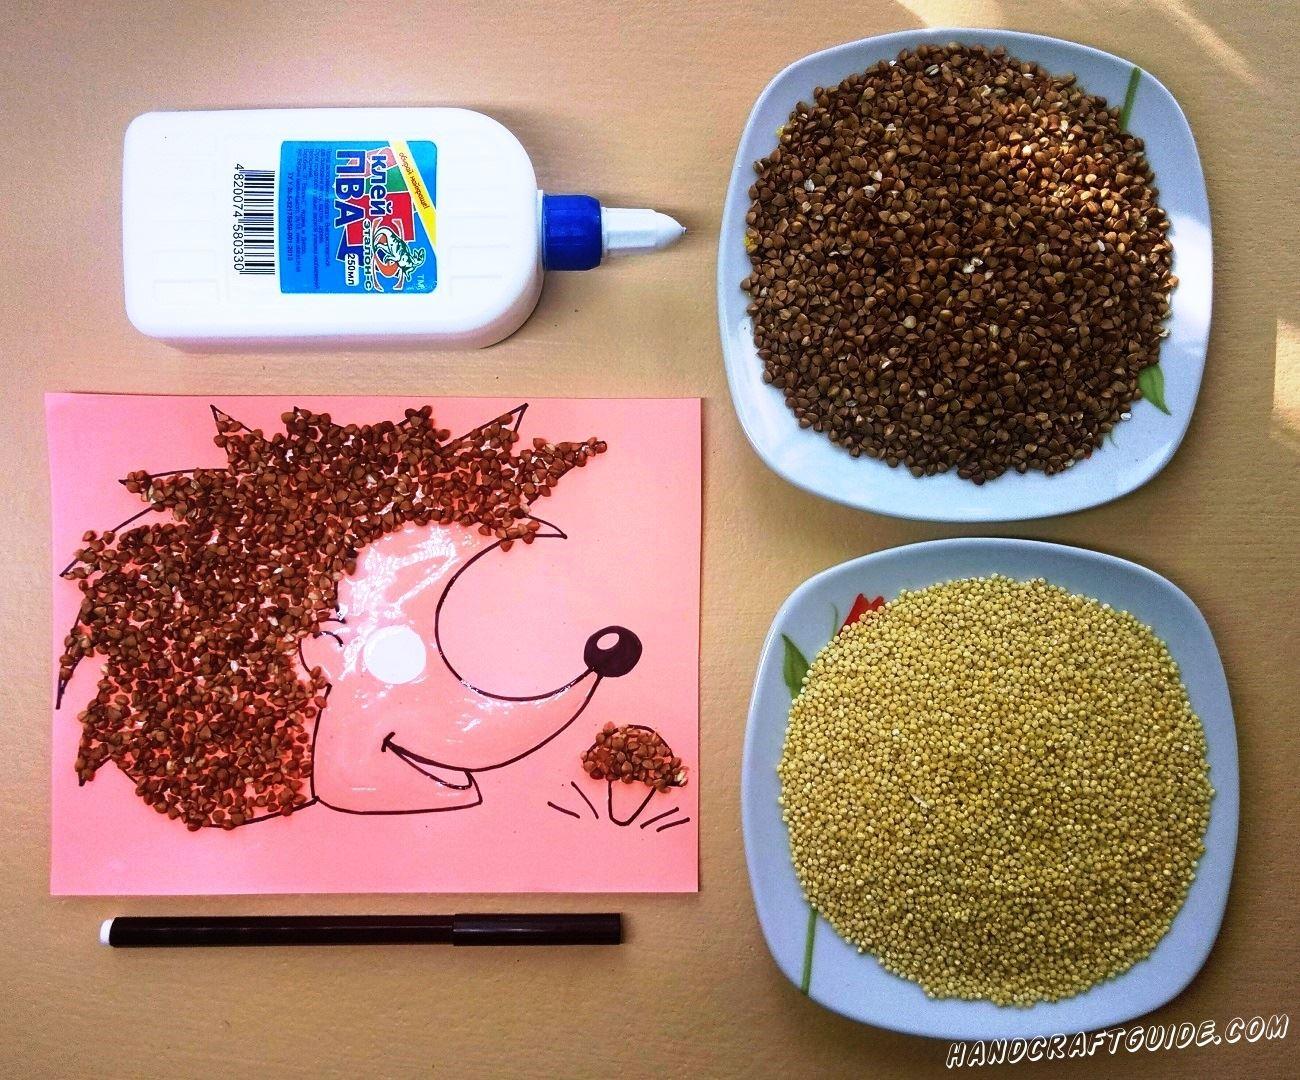 аппликация для детей ёжика и грибочка